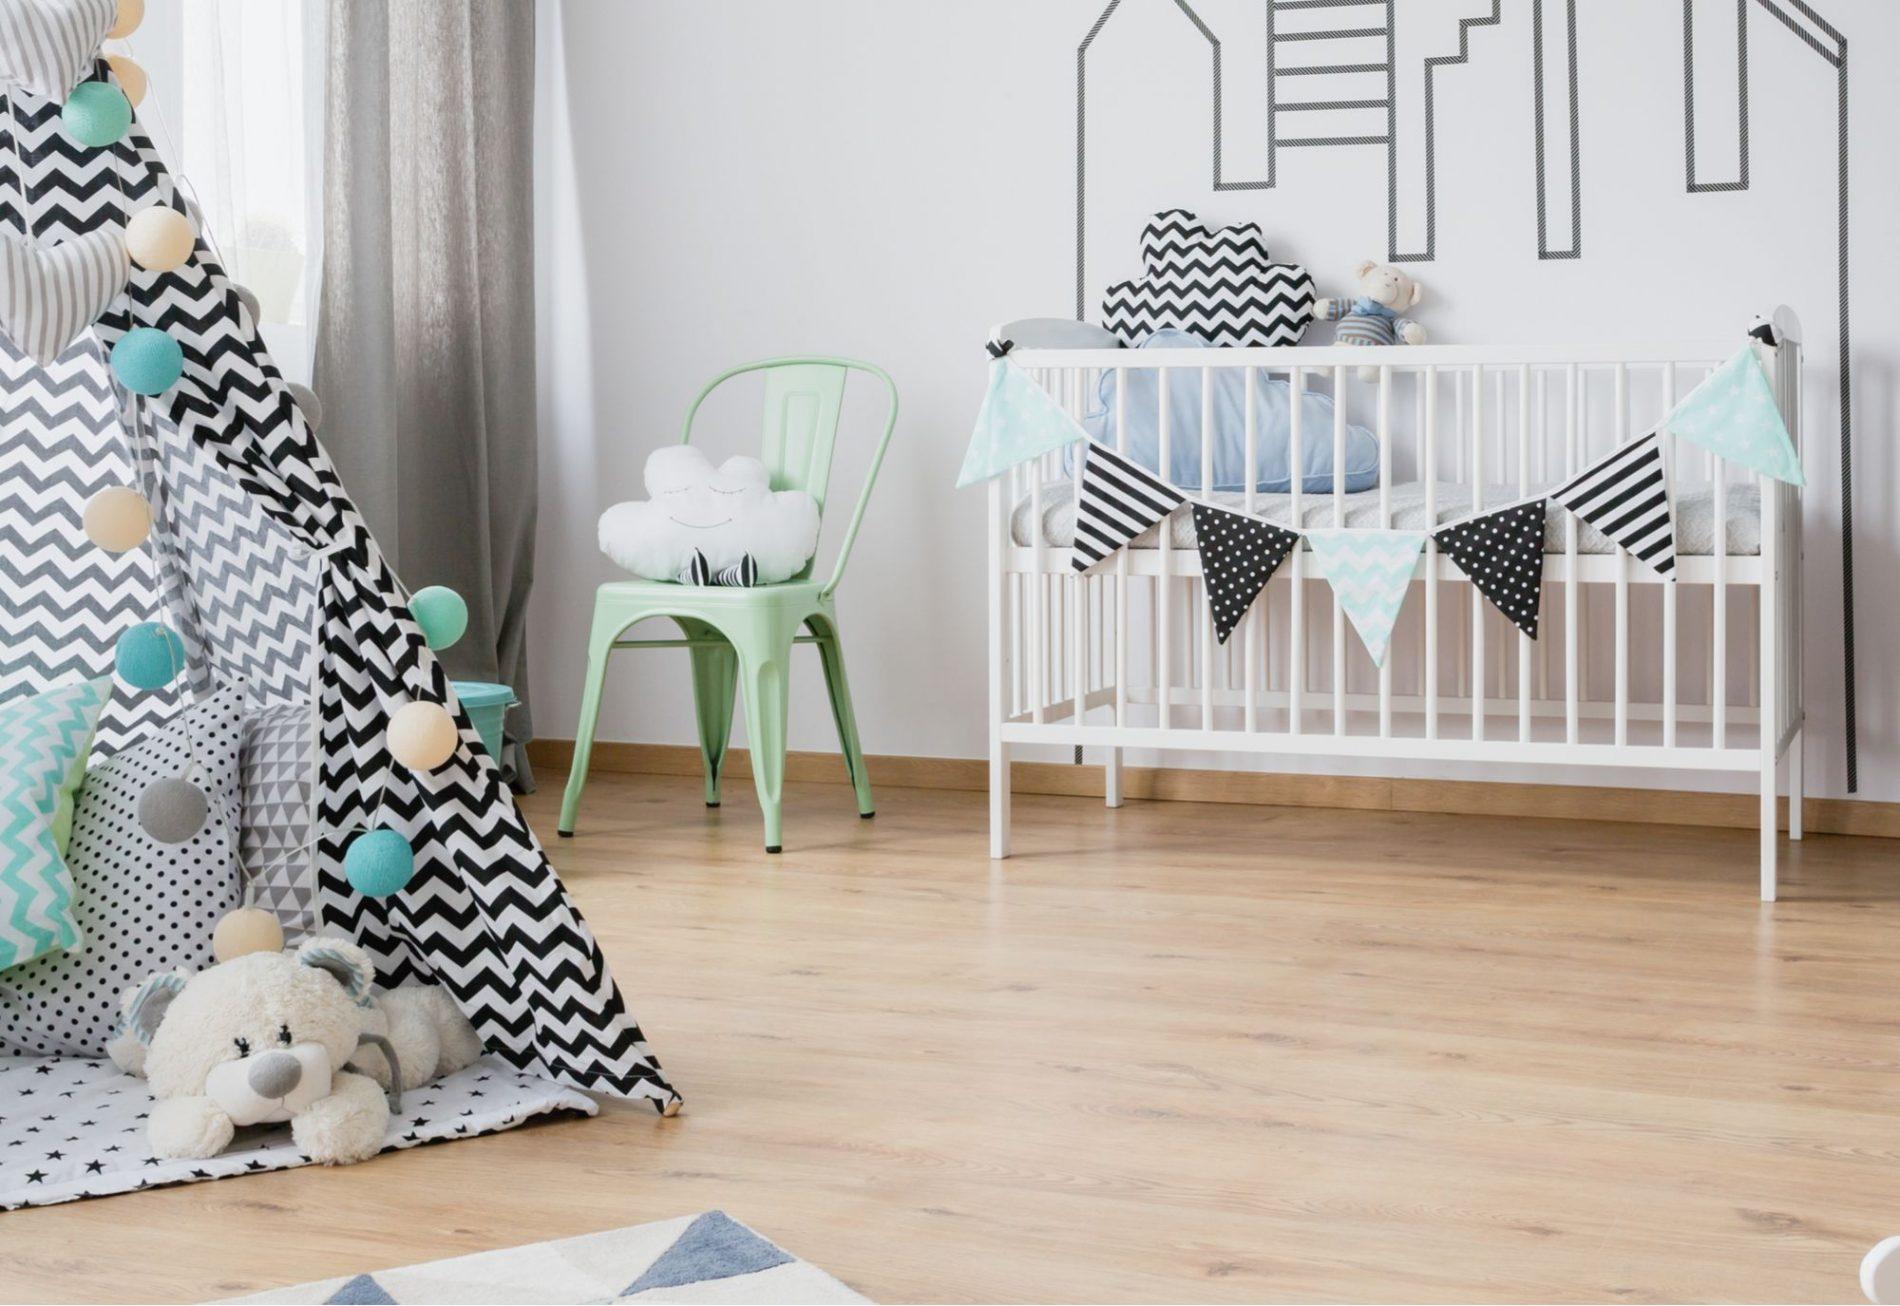 1 chambre pour 2 enfants : comment l'aménager ?